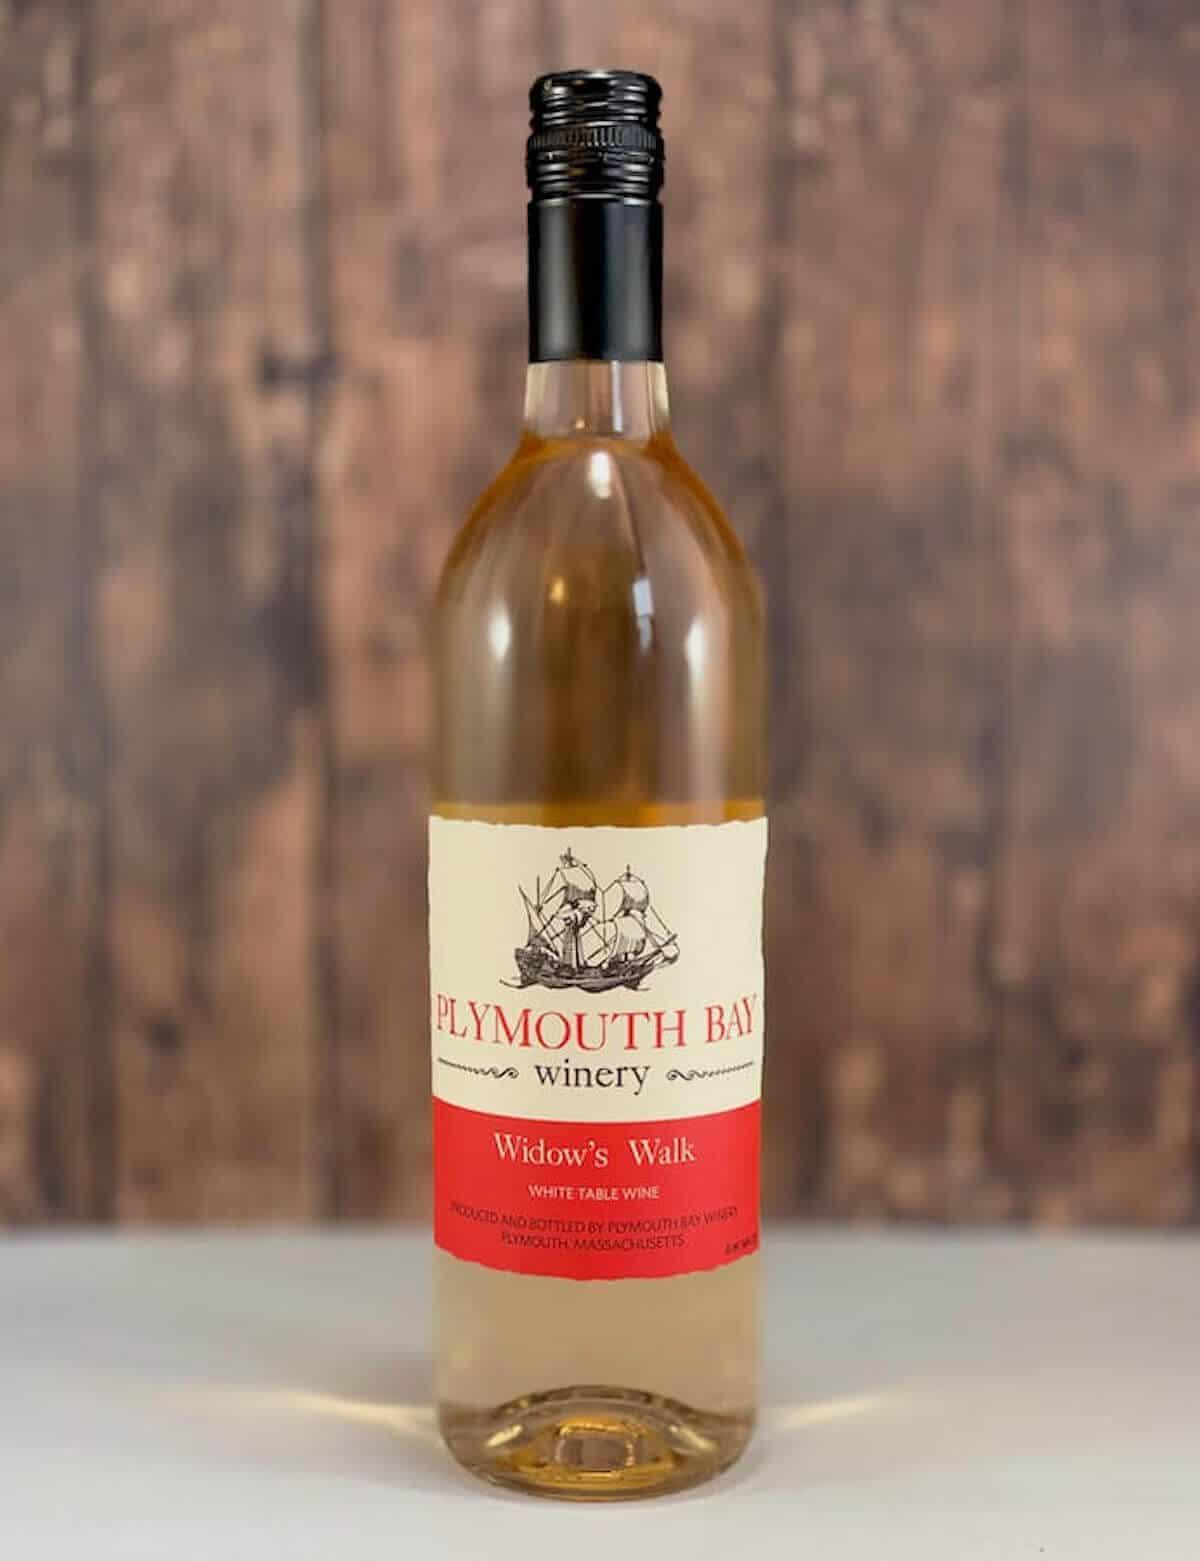 Plymouth Bay Winery Widow's Walk table wine in bottle